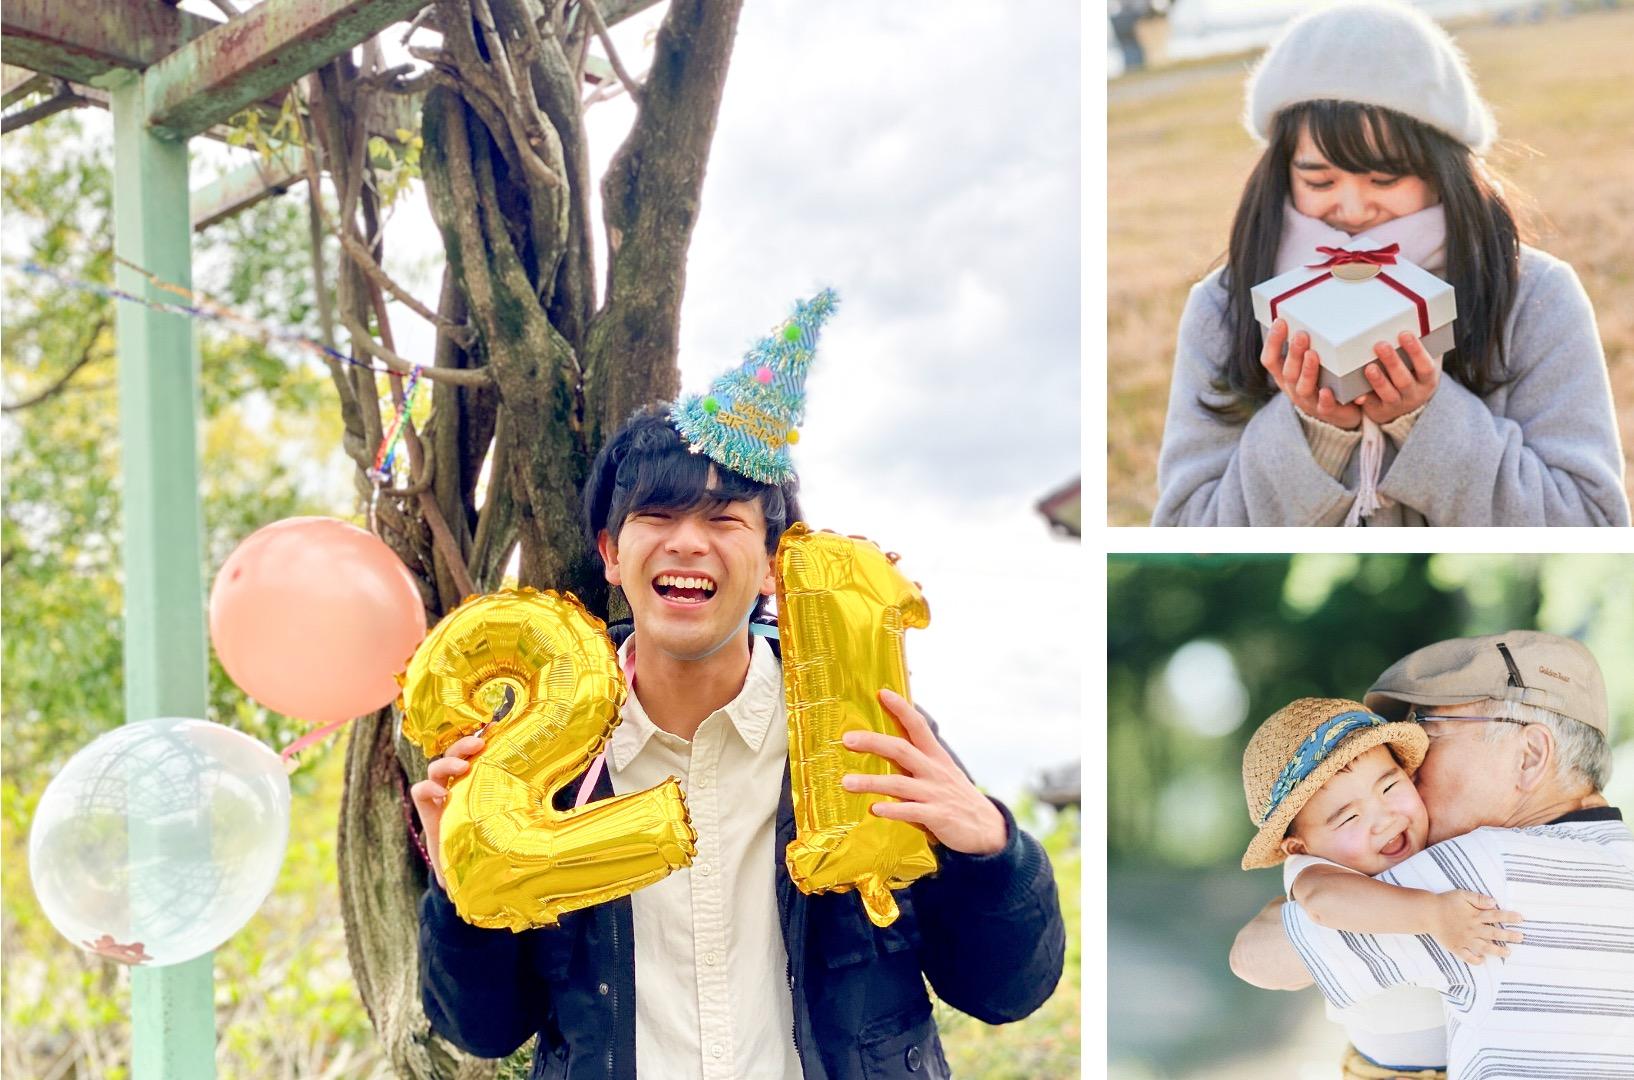 「#祝うってしあわせ ギフトモール フォトコンテスト」Instagramにて開催!笑顔が溢れる素敵な... 画像